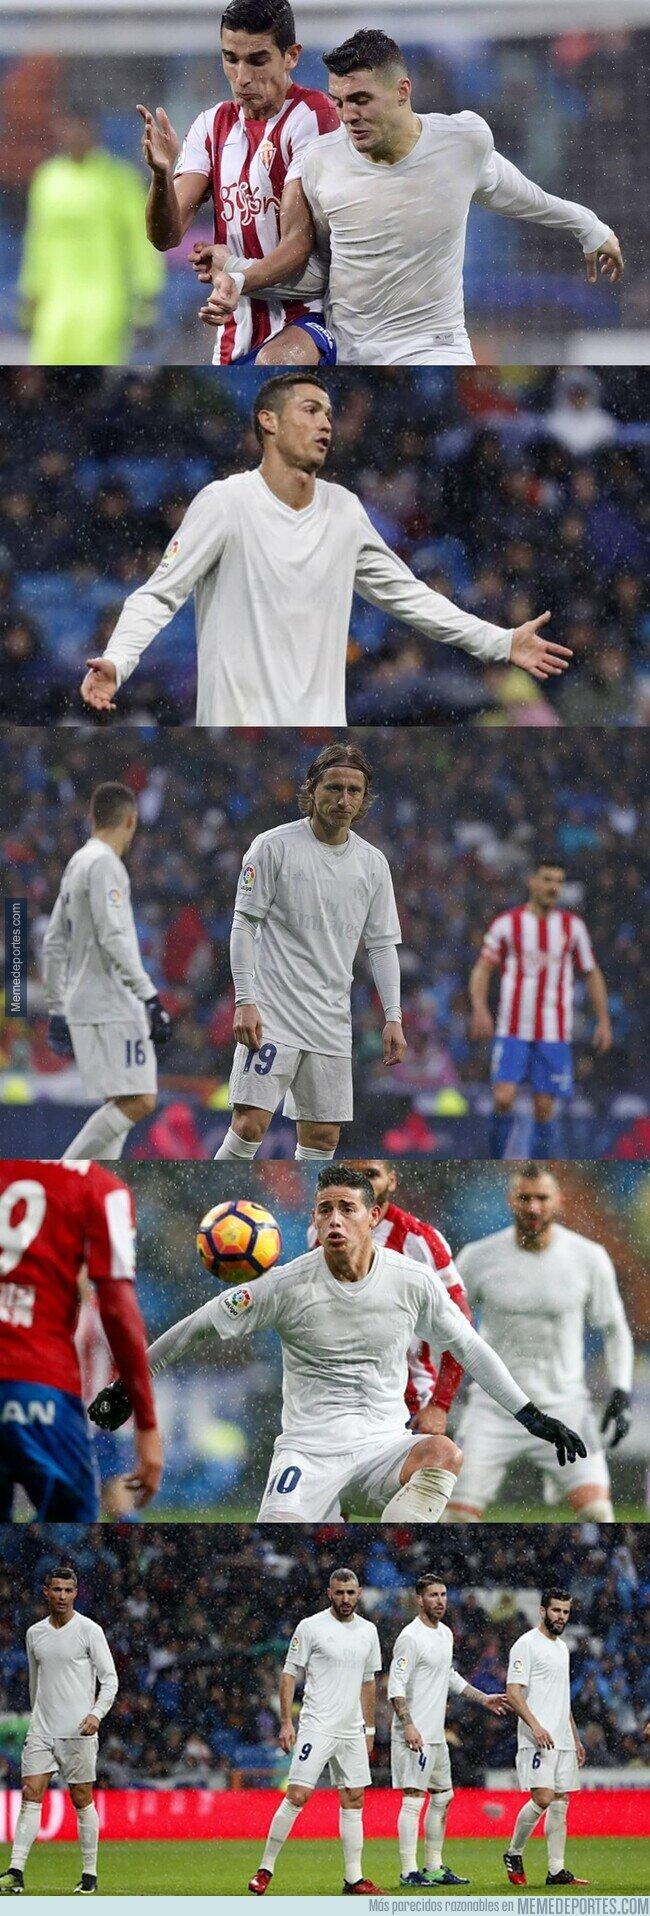 1128661 - El día que el Madrid usó una camiseta hecha de plástico reciclado y quedó completamente blanca por la lluvia.